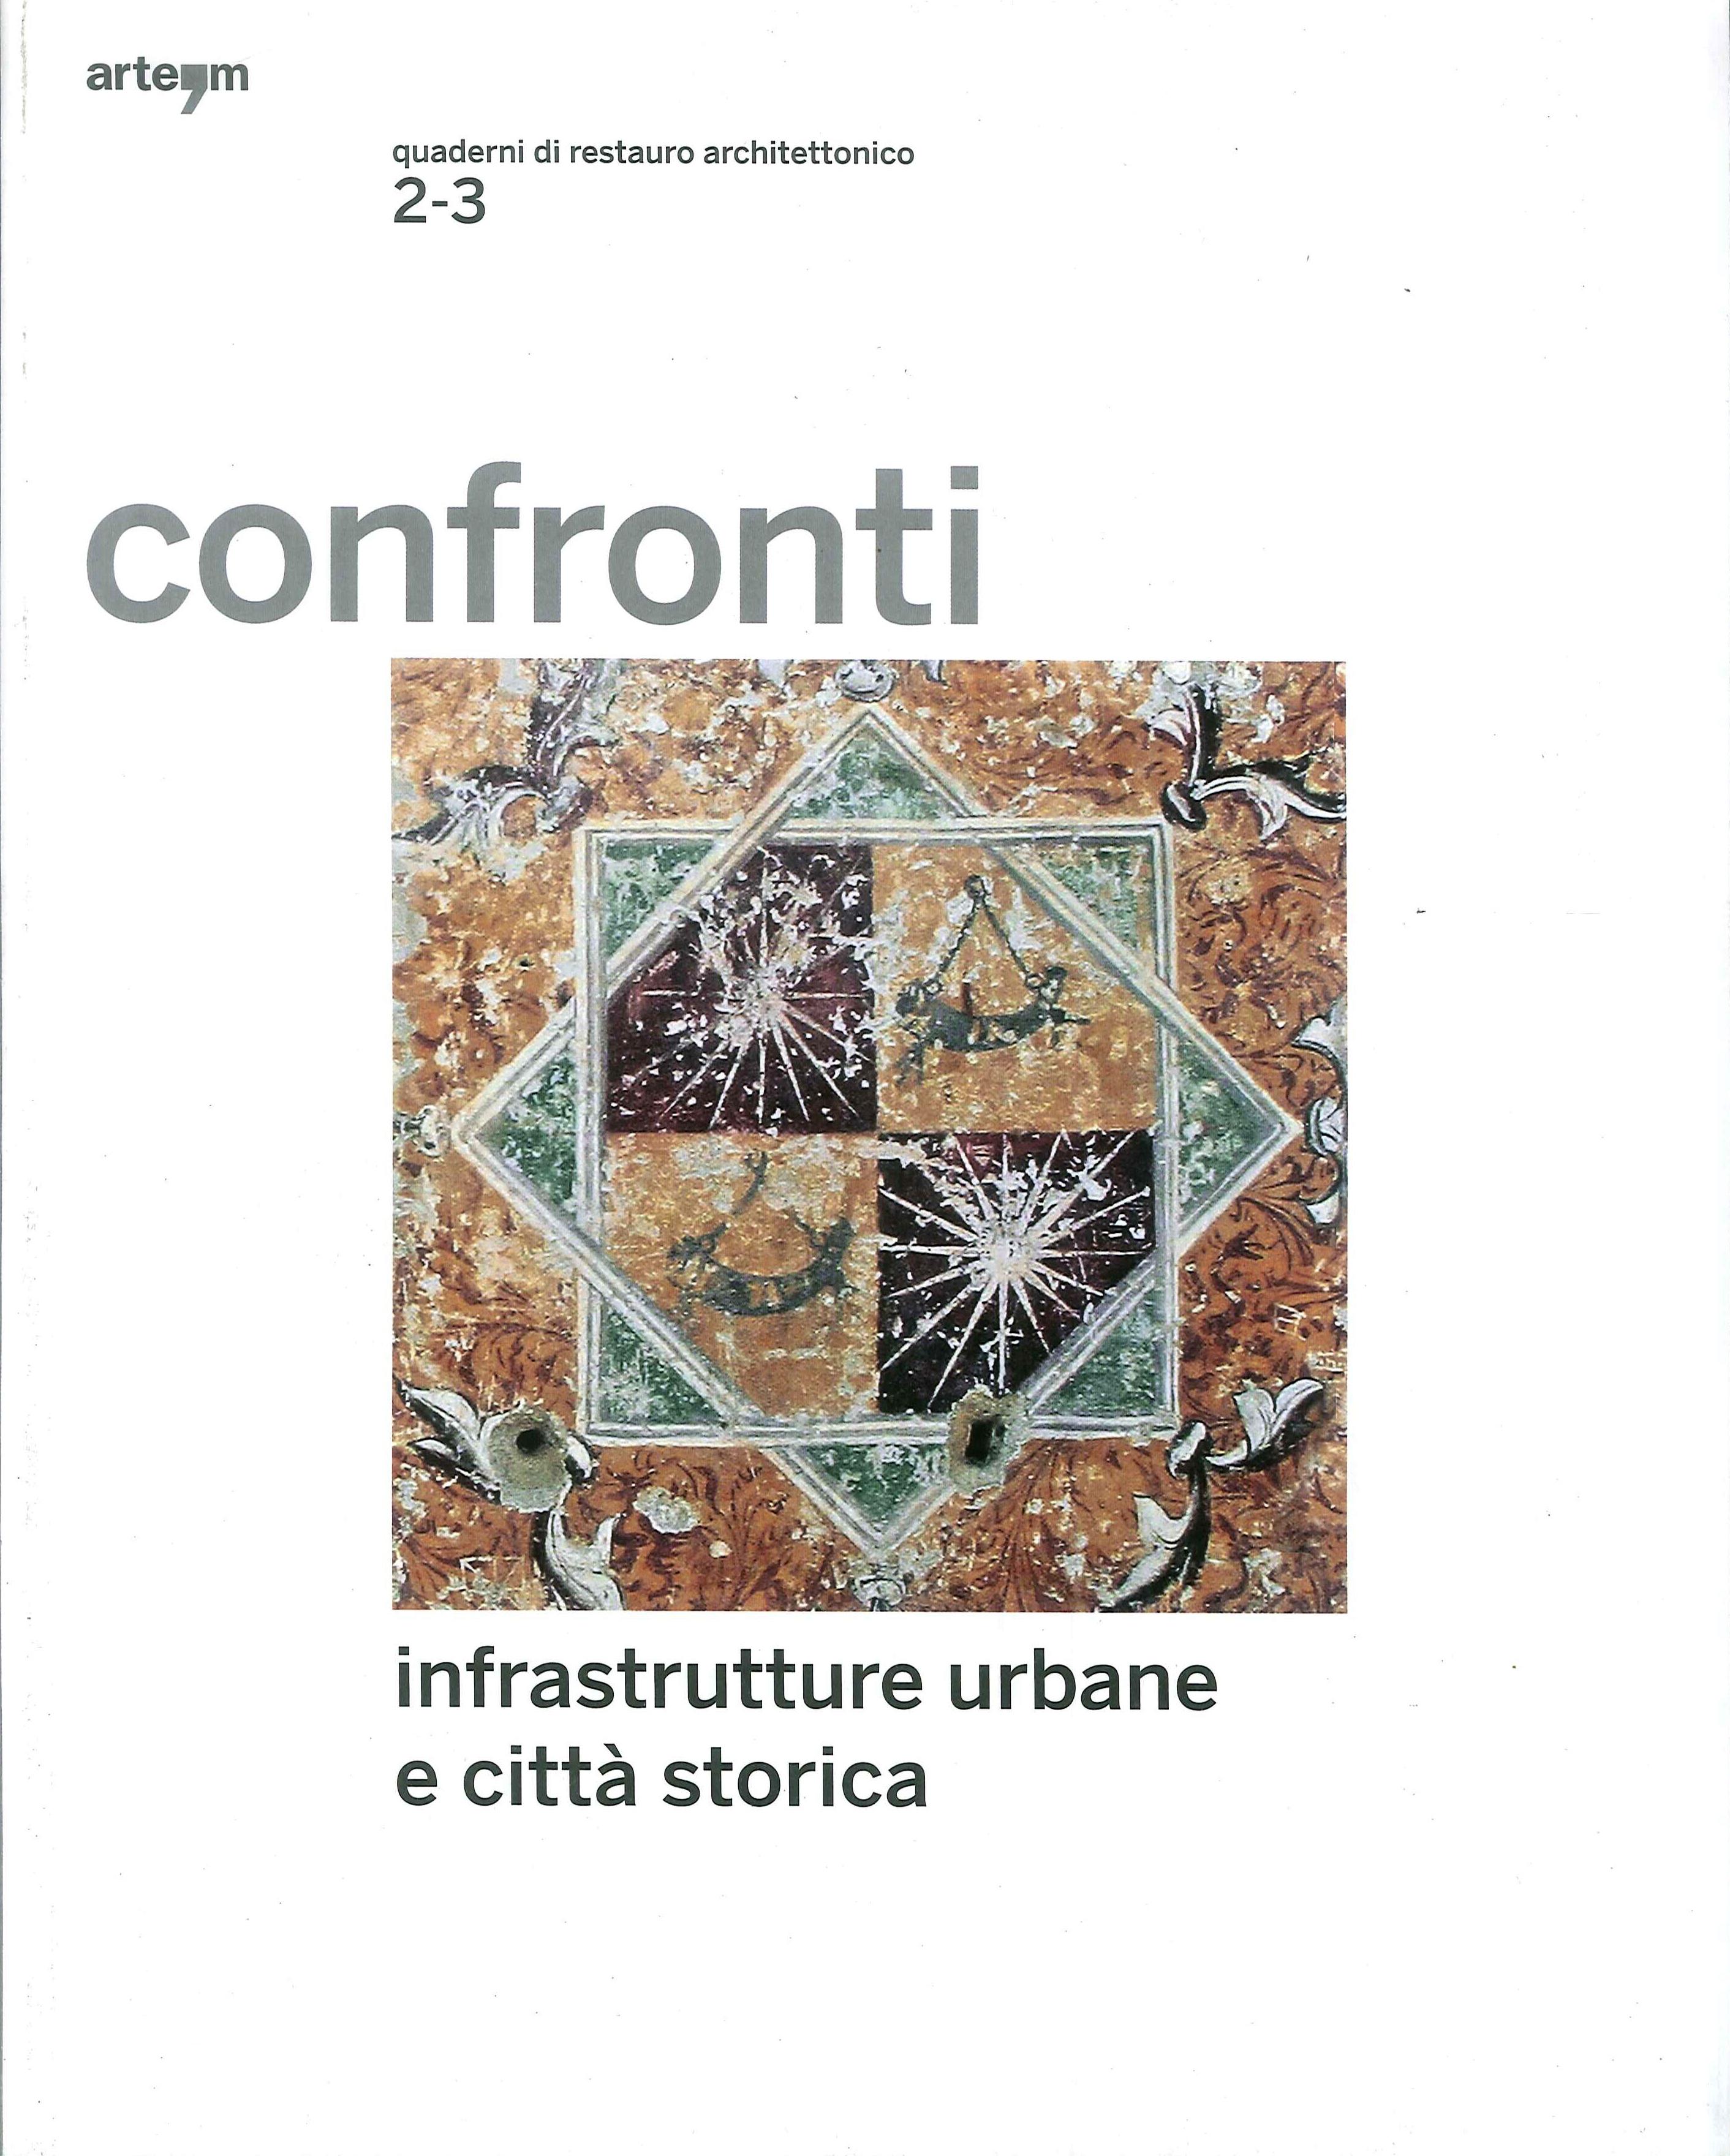 Confronti. Quaderni di restauro architettonico. Anno II. Vol. 2-3. Infrastrutture Urbane e Città Storica